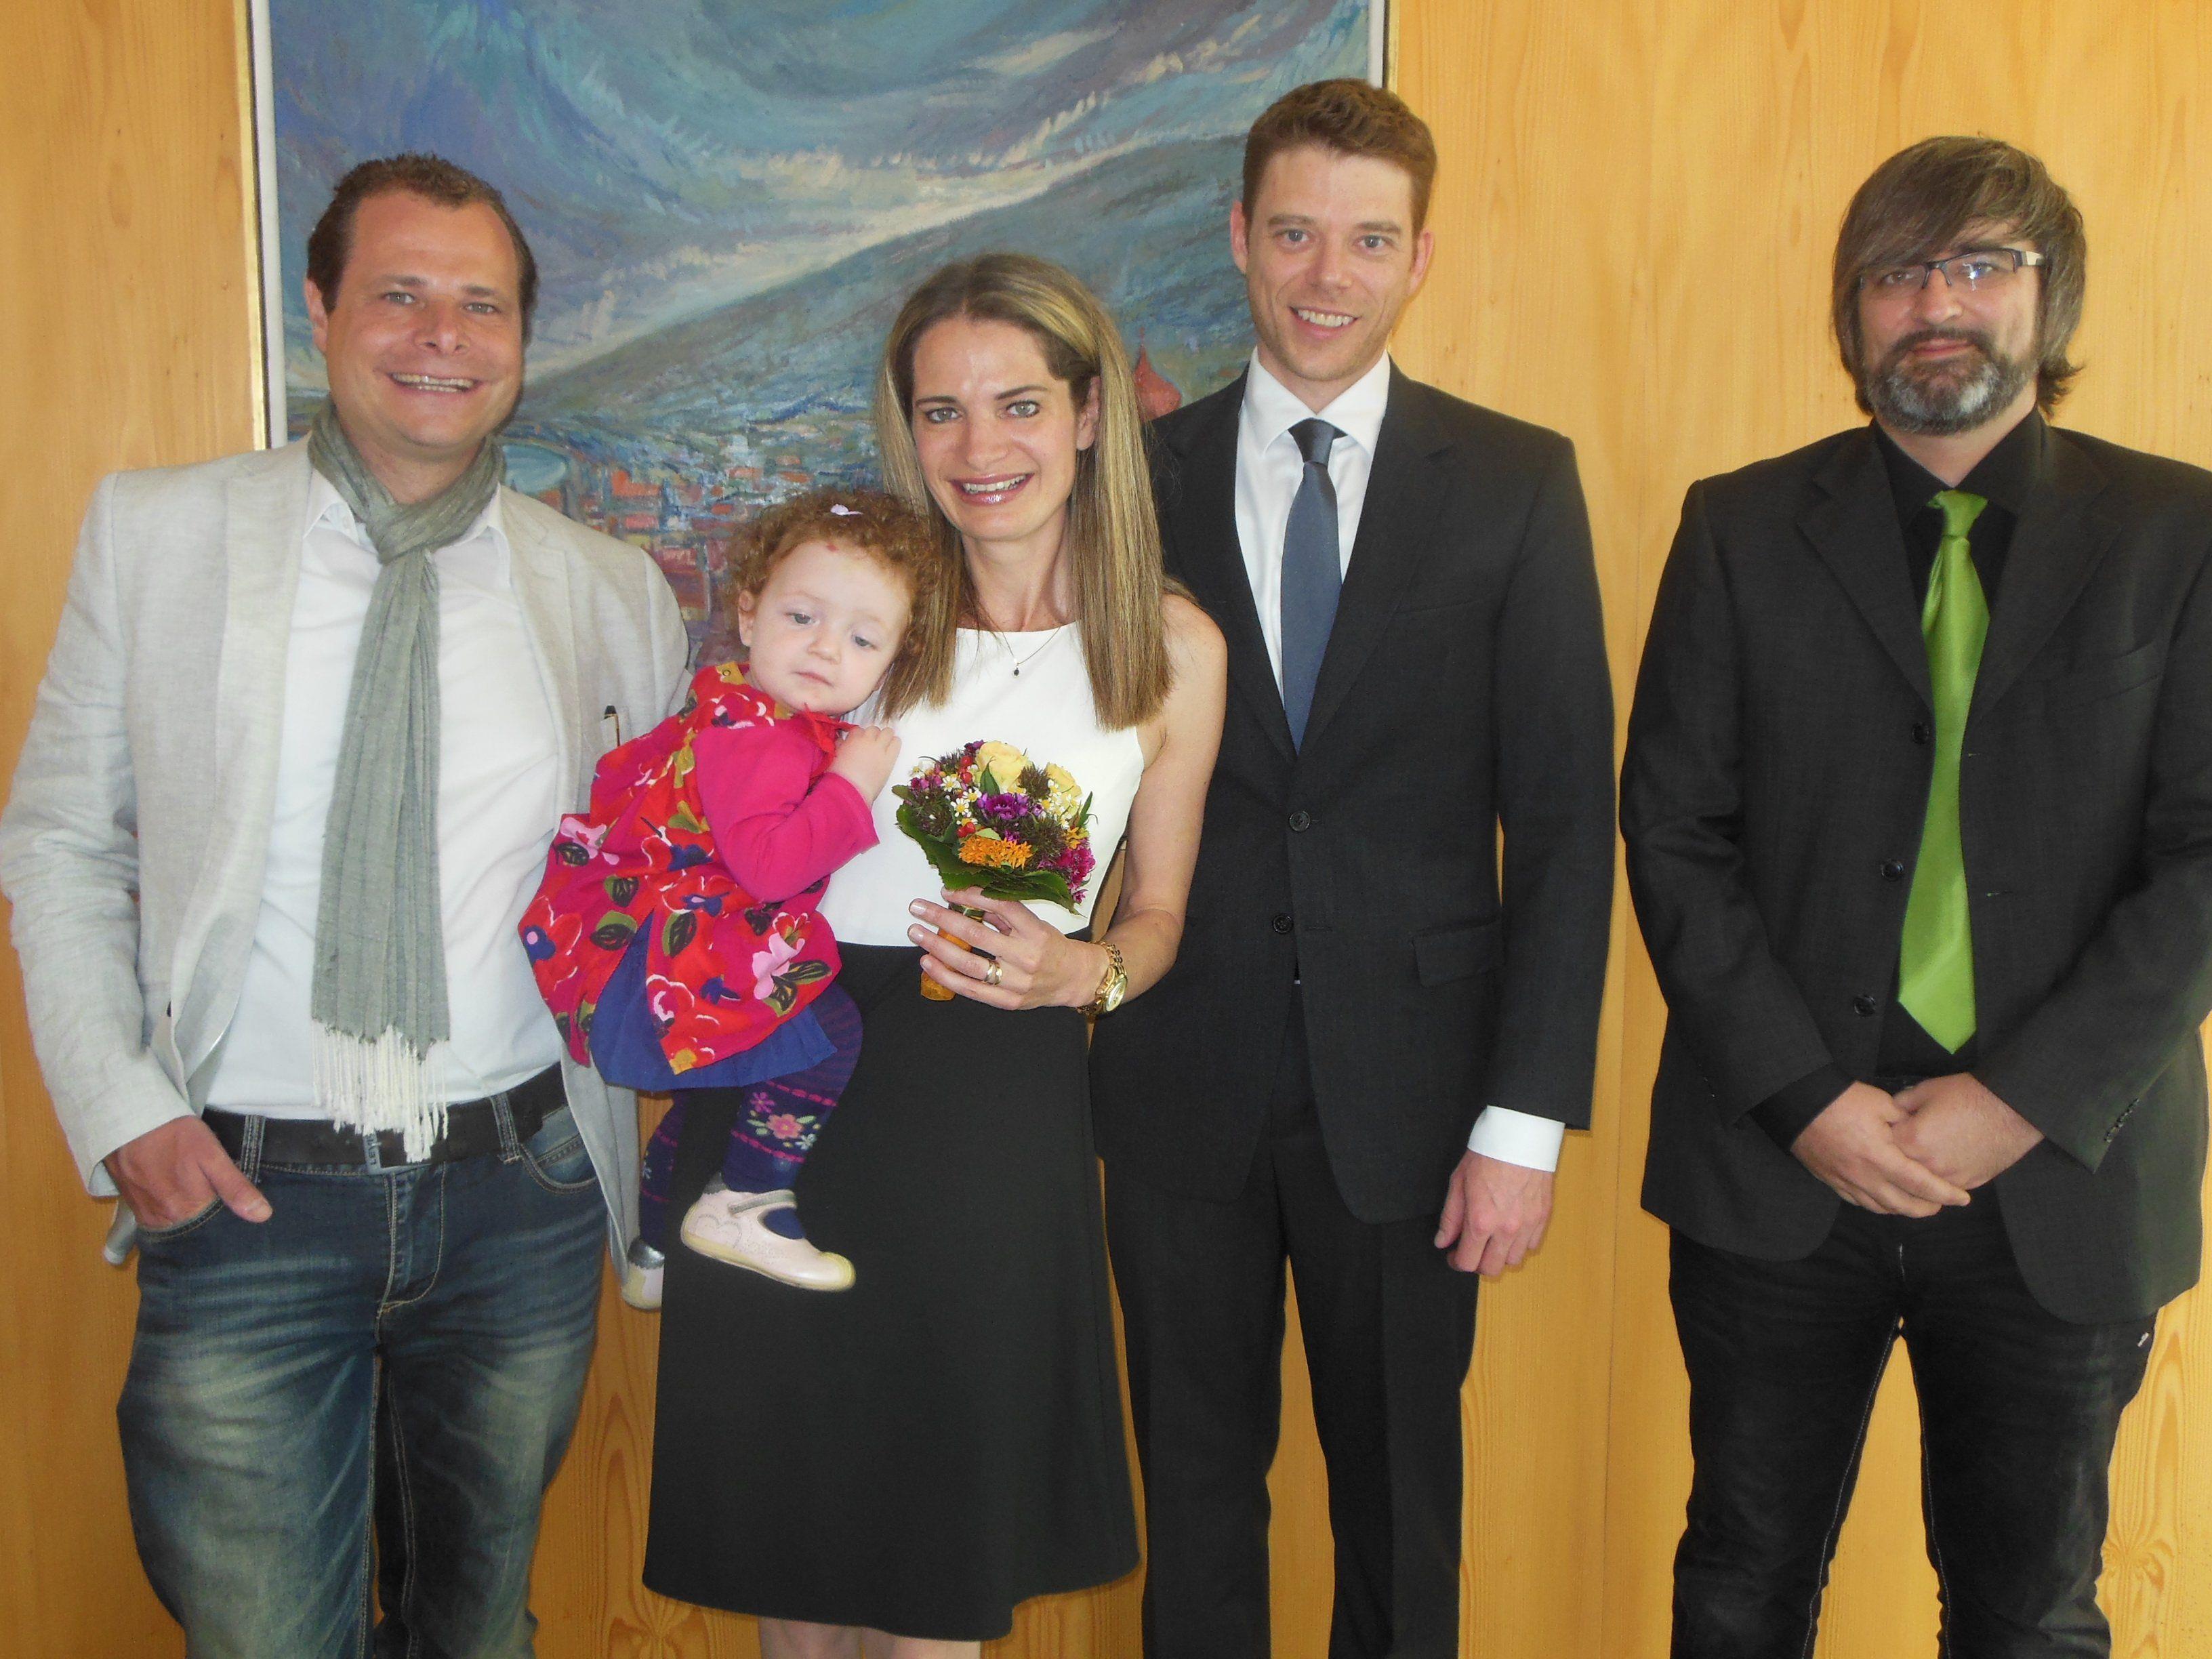 Das glückliche Paar mit Töchterchen Eva und den Trauzeugen.